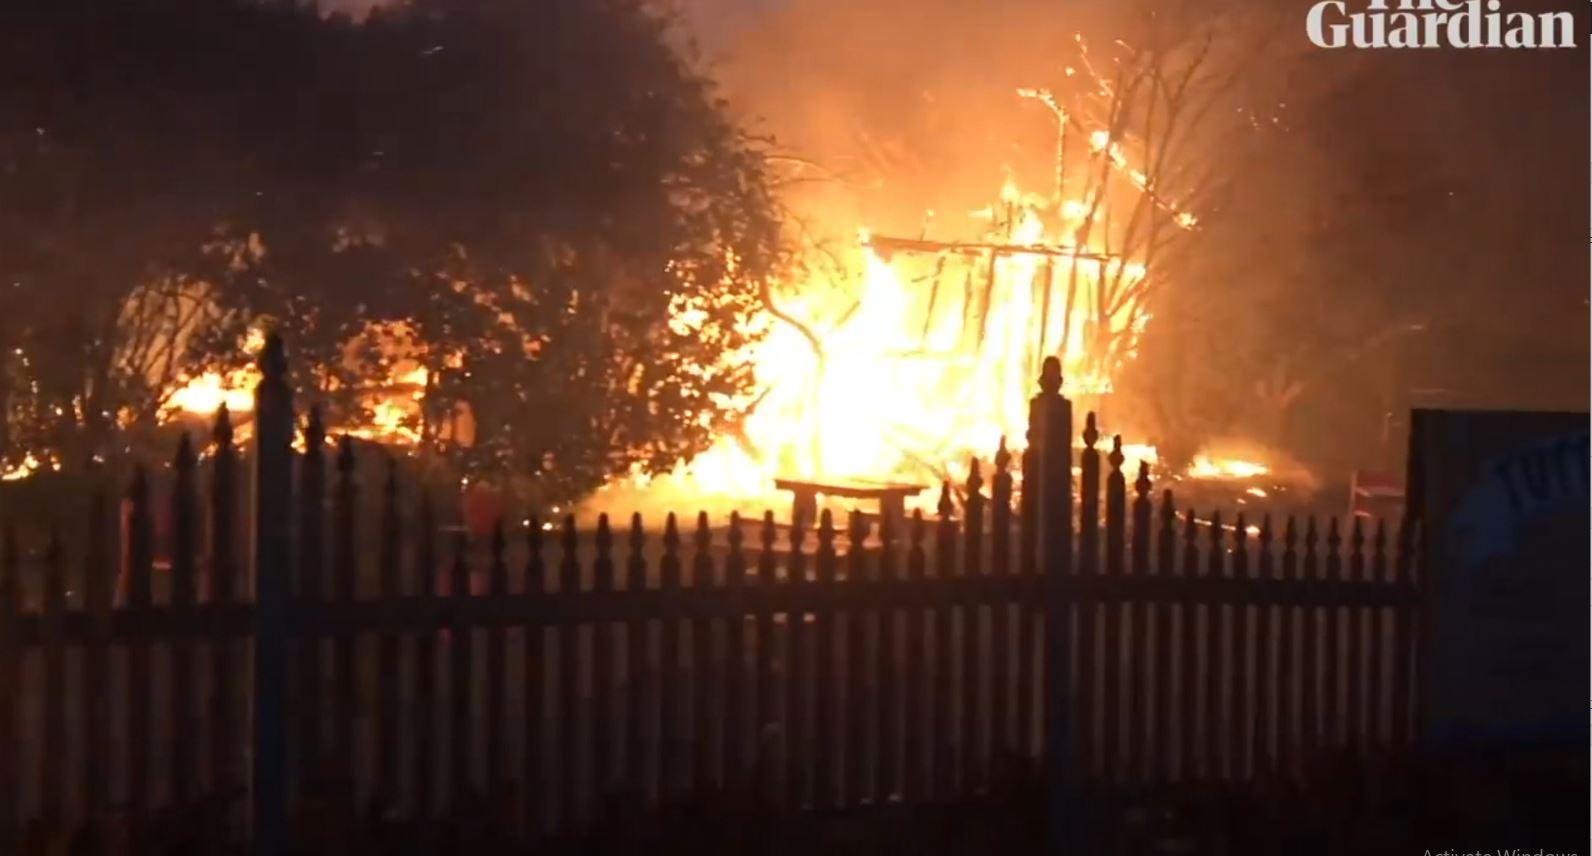 Australia ende në alarm nga situata e zjarreve, autoritetet urdhërojnë evakuimin e mijëra banorëve